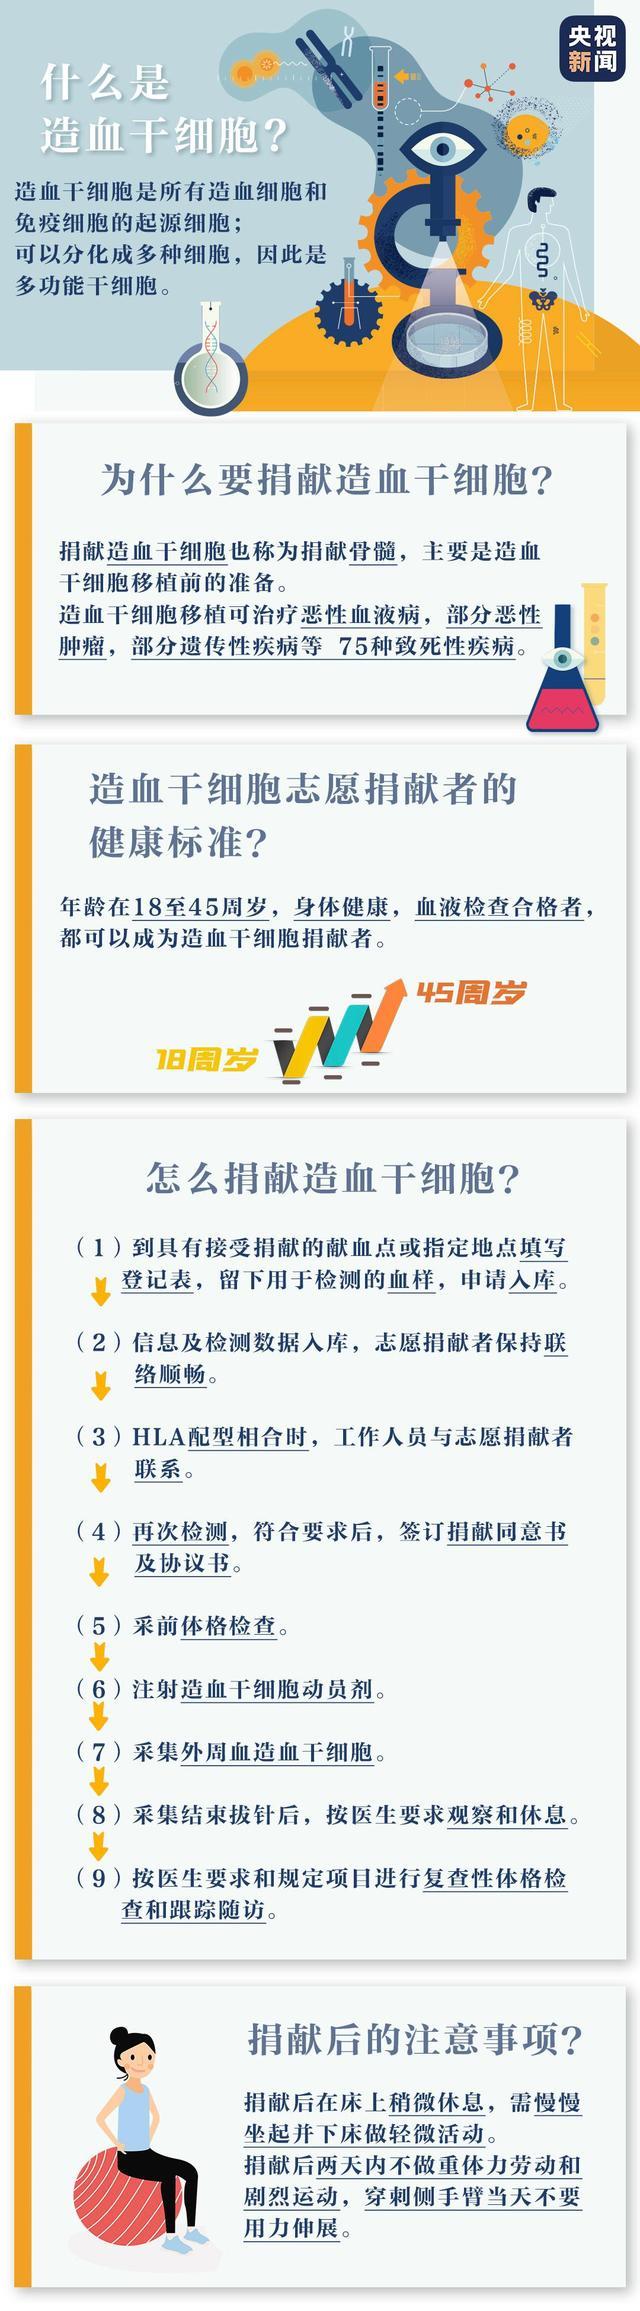 【功德无量】中国造血干细胞捐献突破1万例